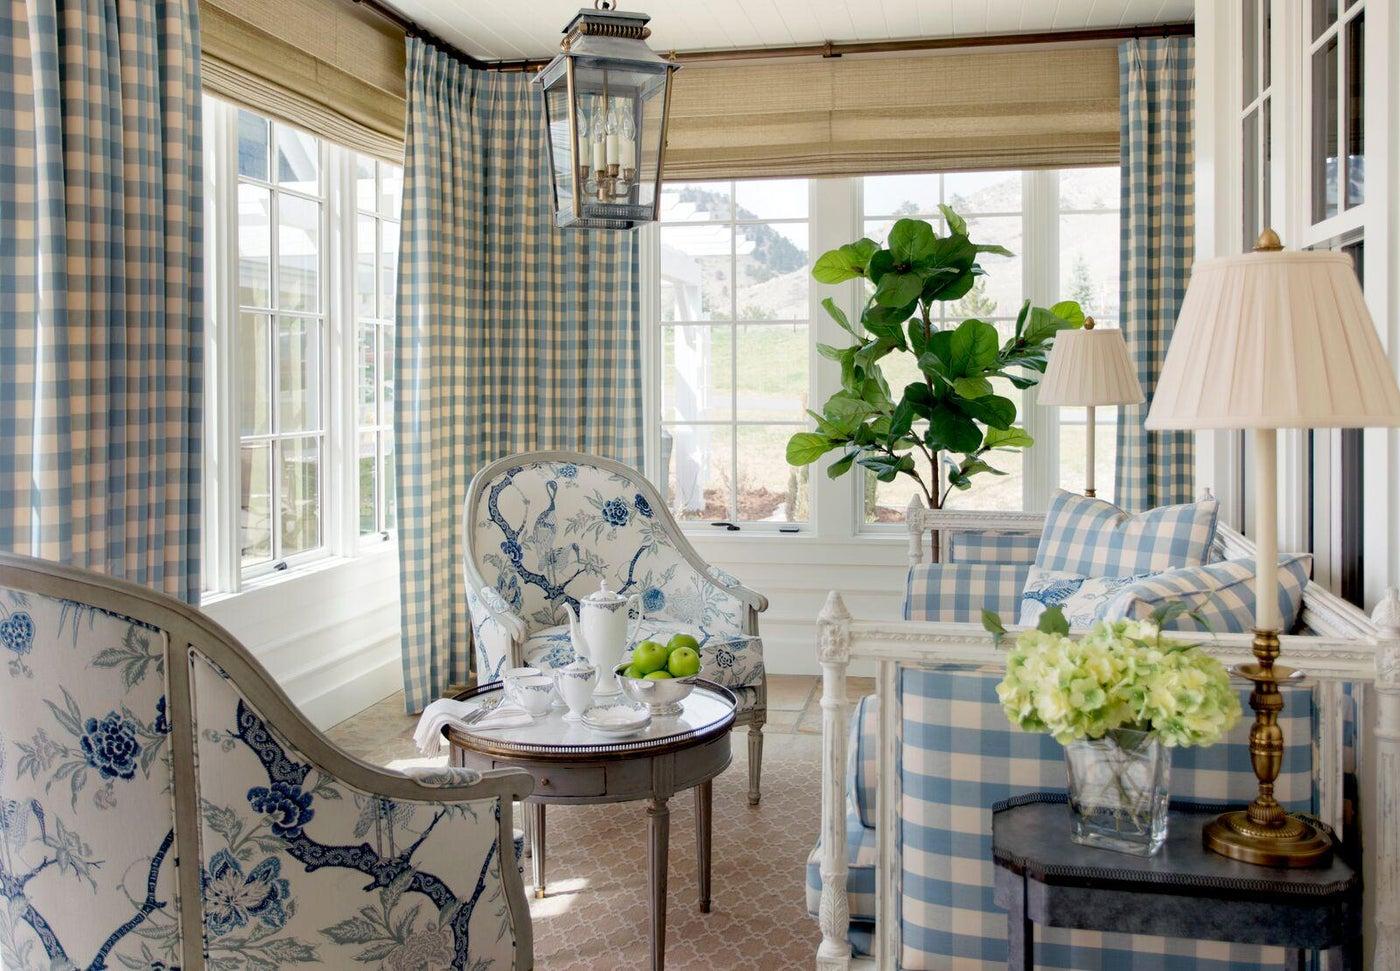 Contemporary farmhouse dining porch